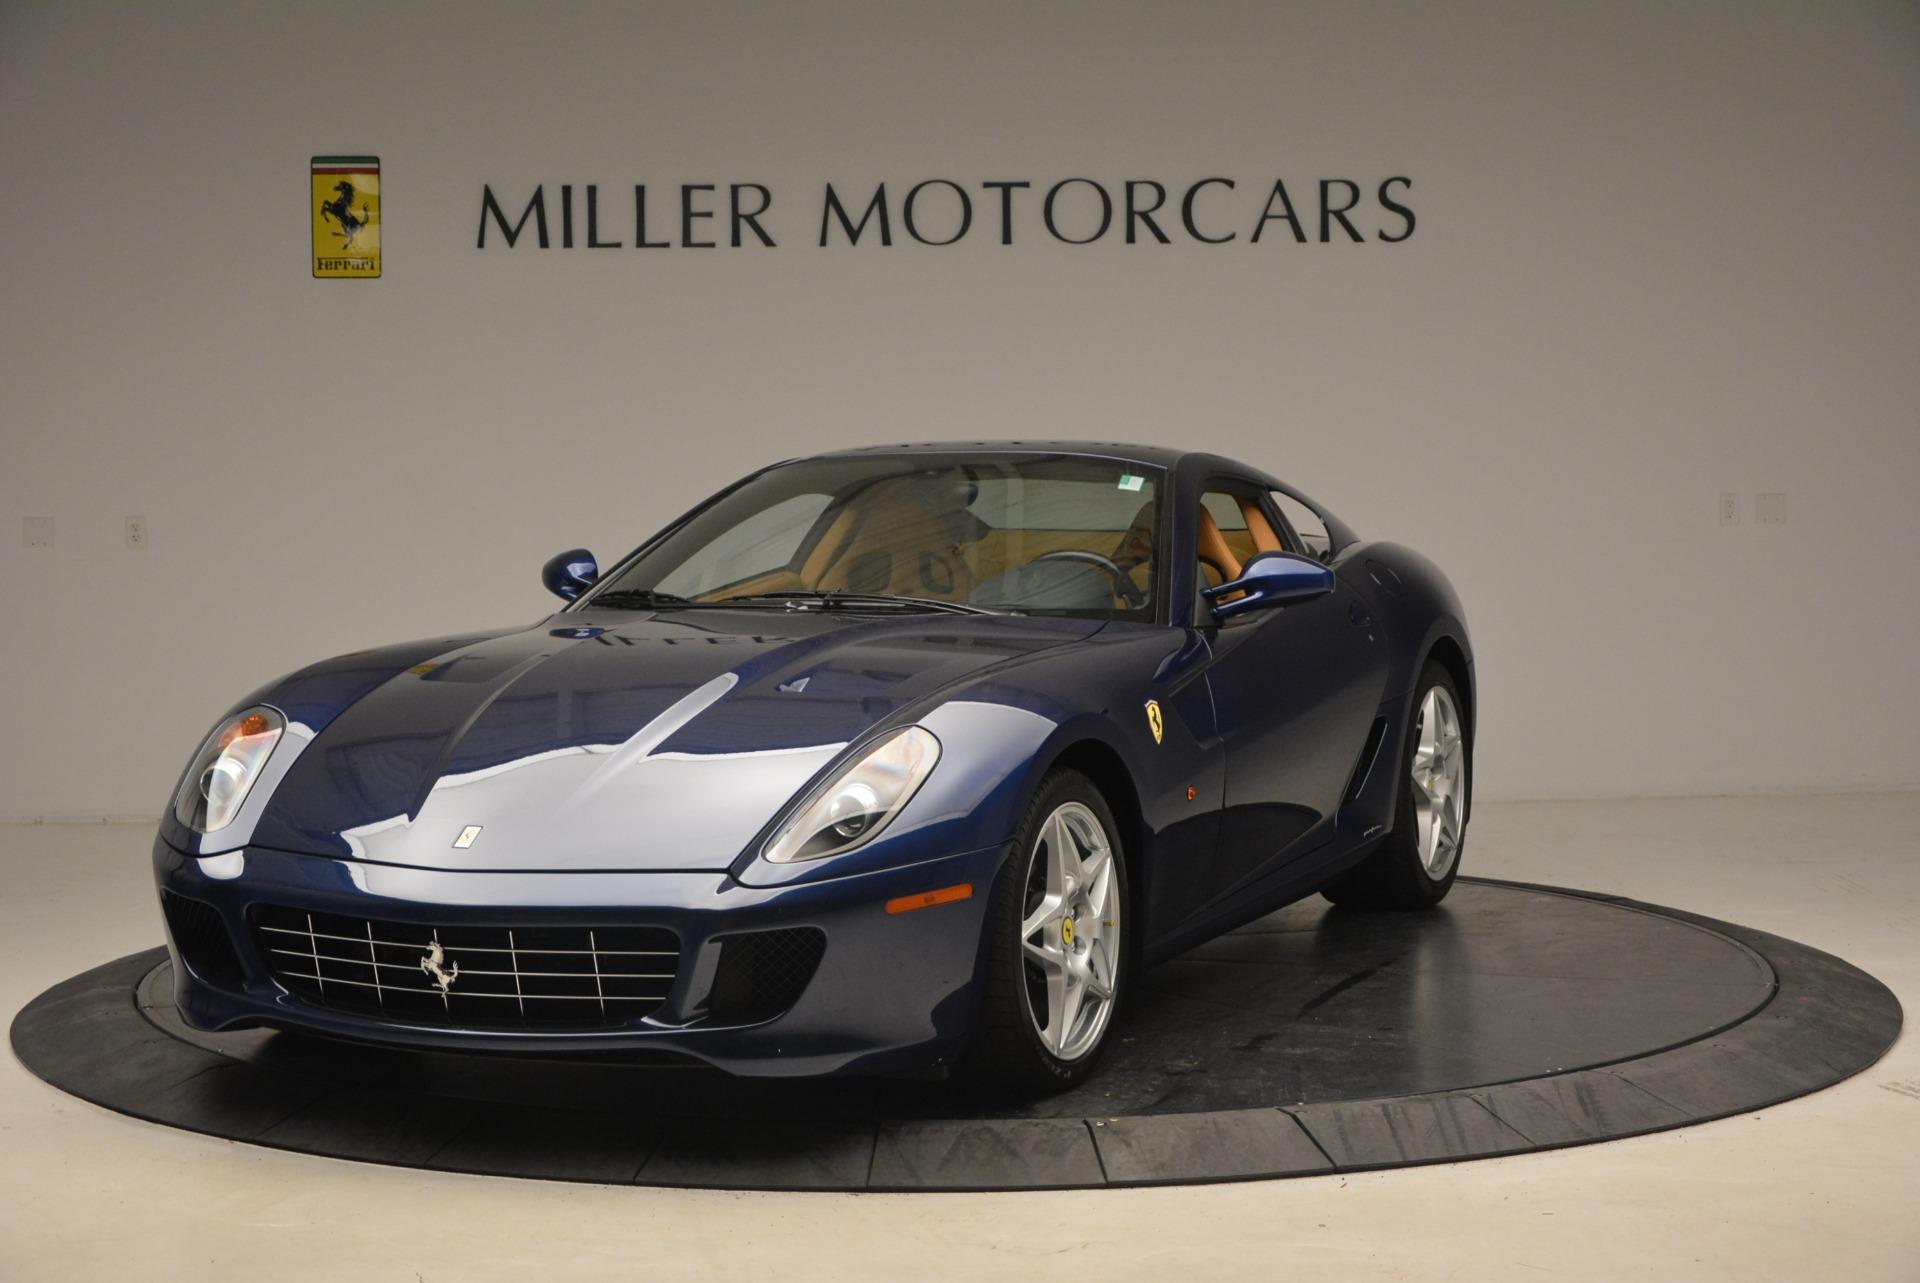 Used 2007 Ferrari 599 GTB Fiorano GTB Fiorano F1 for sale Sold at Pagani of Greenwich in Greenwich CT 06830 1